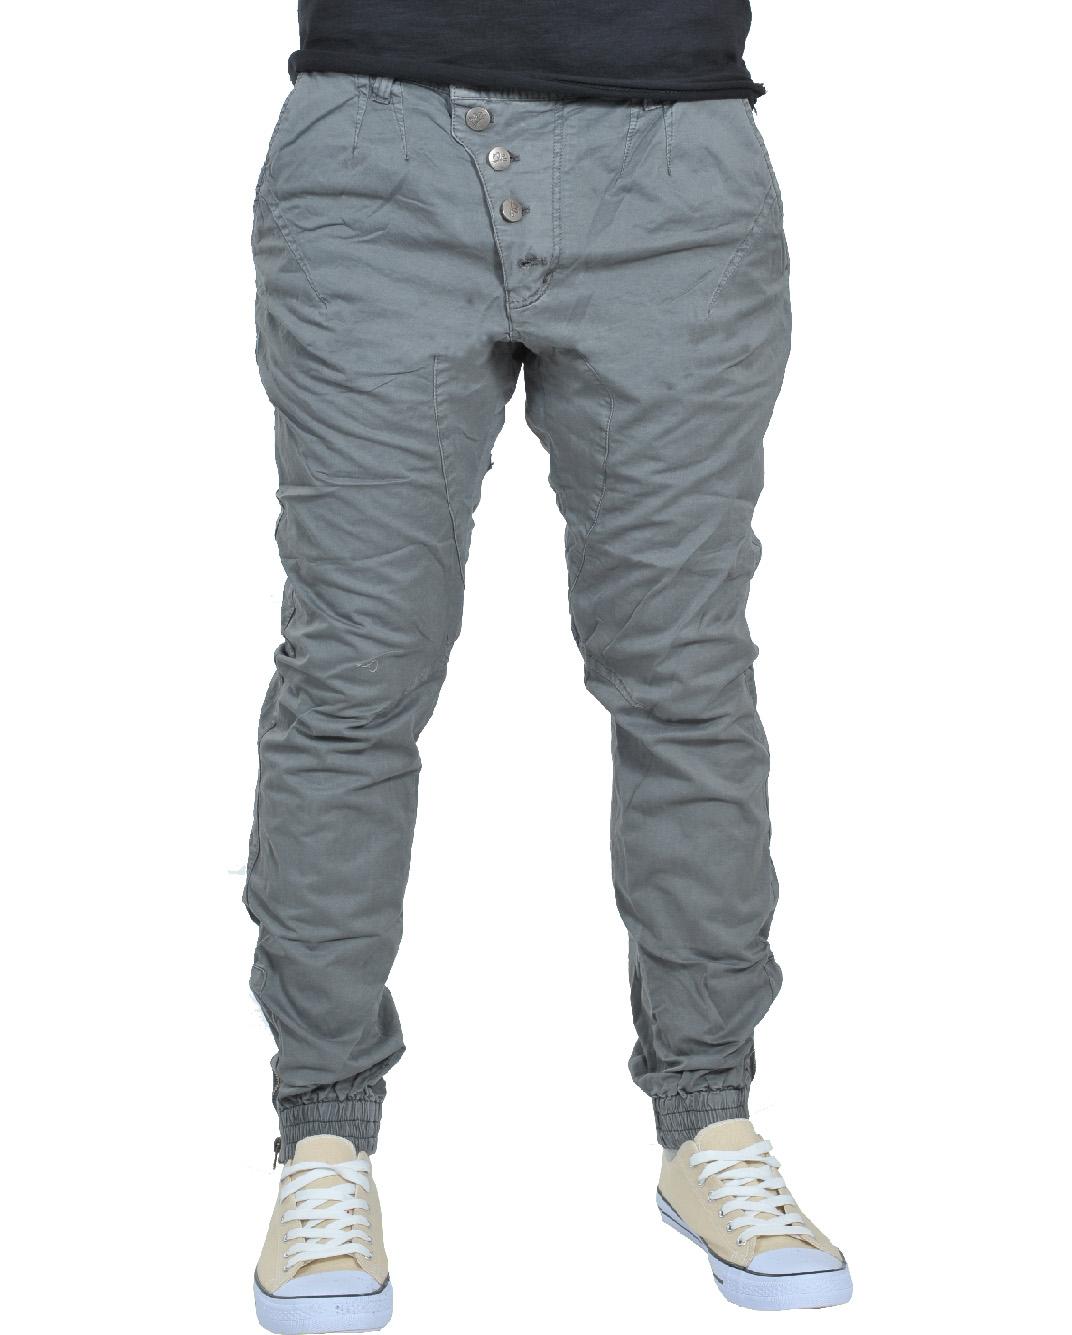 Ανδρικό Chino Παντελόνι Grey Crooked-Γκρι αρχική ανδρικά ρούχα παντελόνια παντελόνια chinos